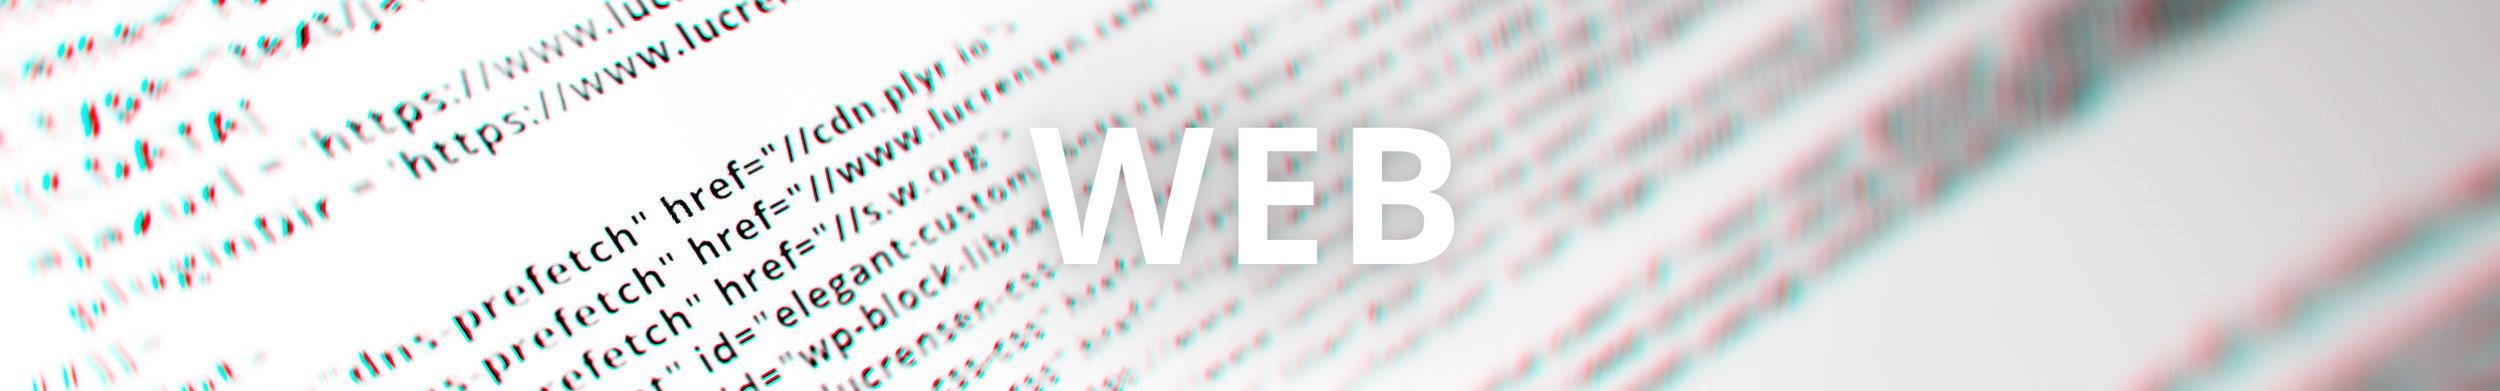 WEB_DEVELOPMENT_BUTTON_2019.jpg